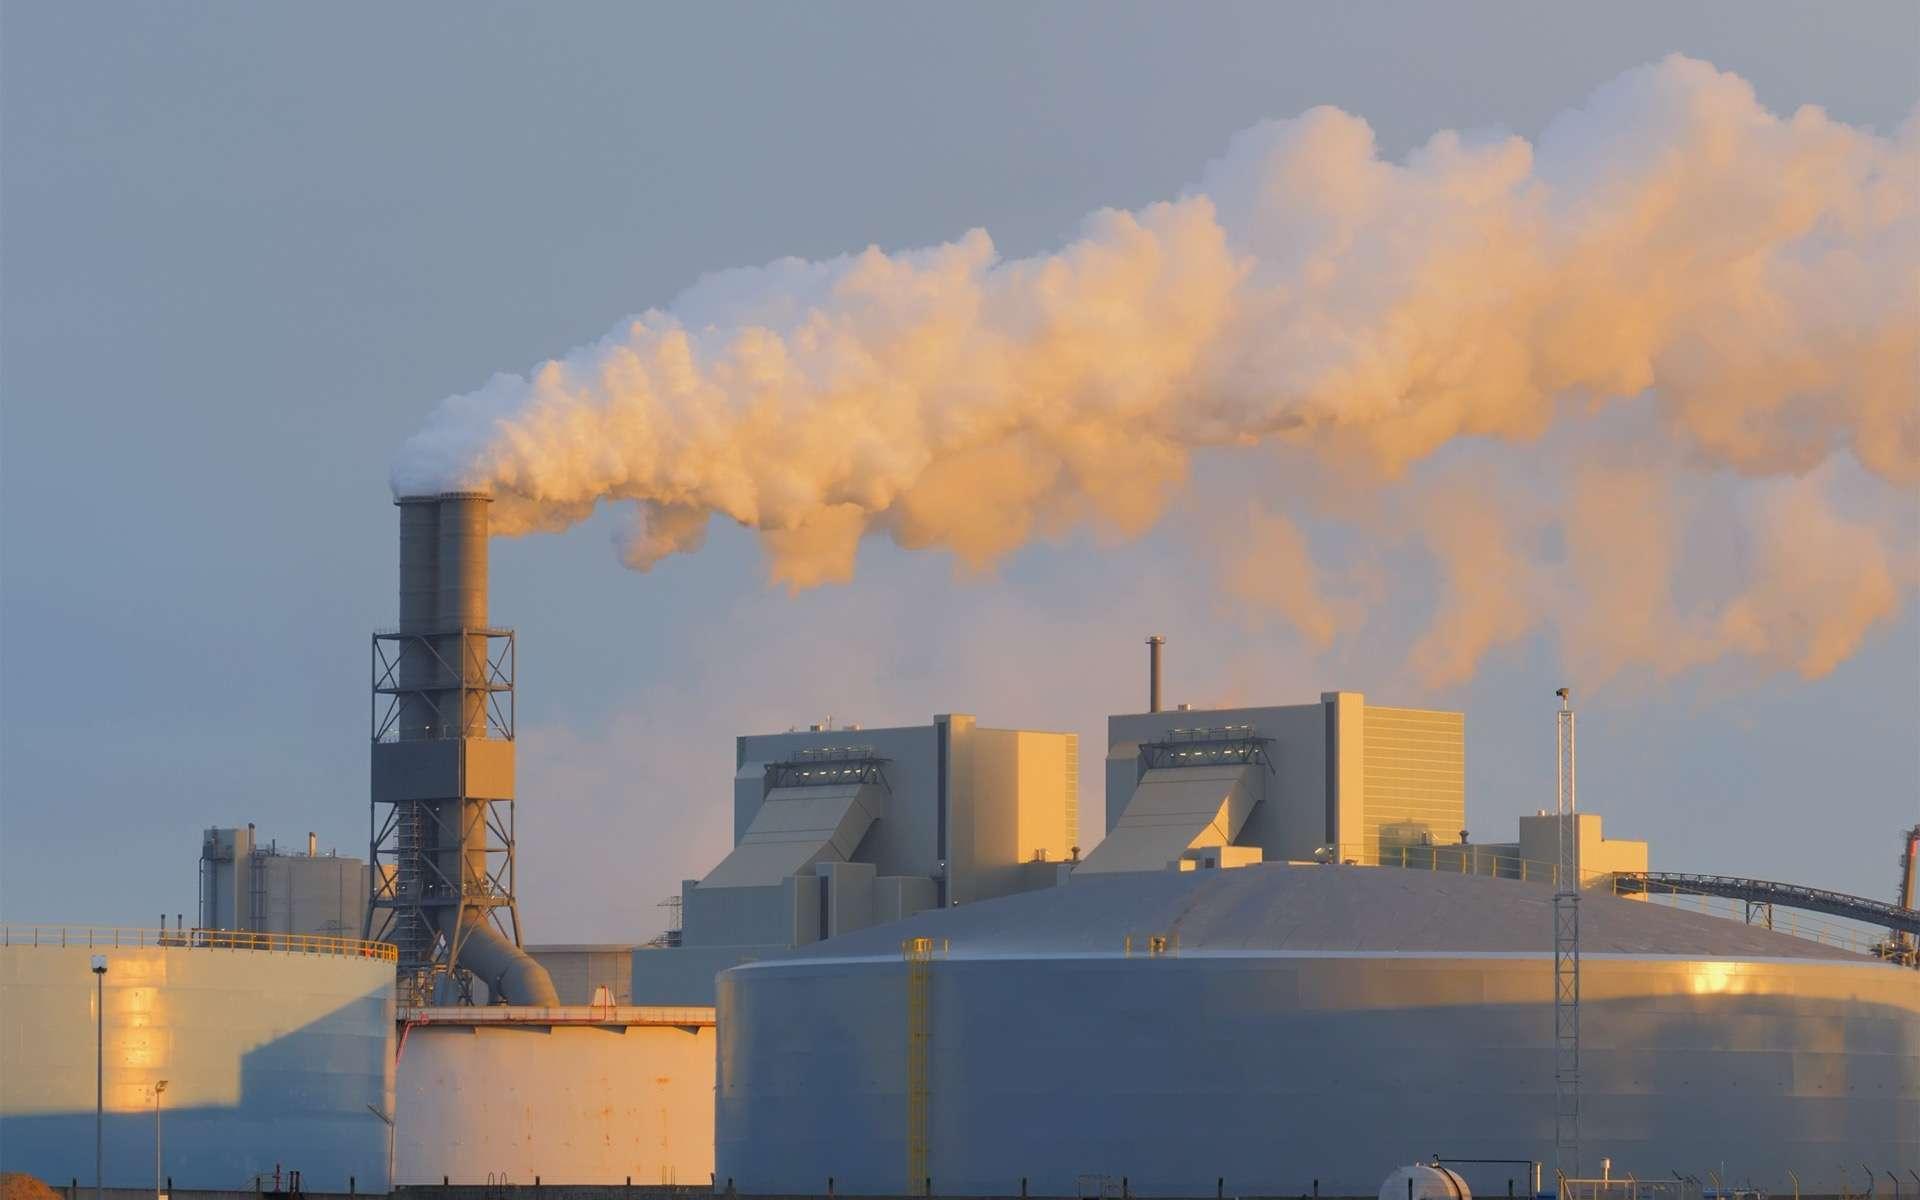 Les usines d'incinération sont de grosses de production de dioxine. © Acnaleksy, Adobe Stock